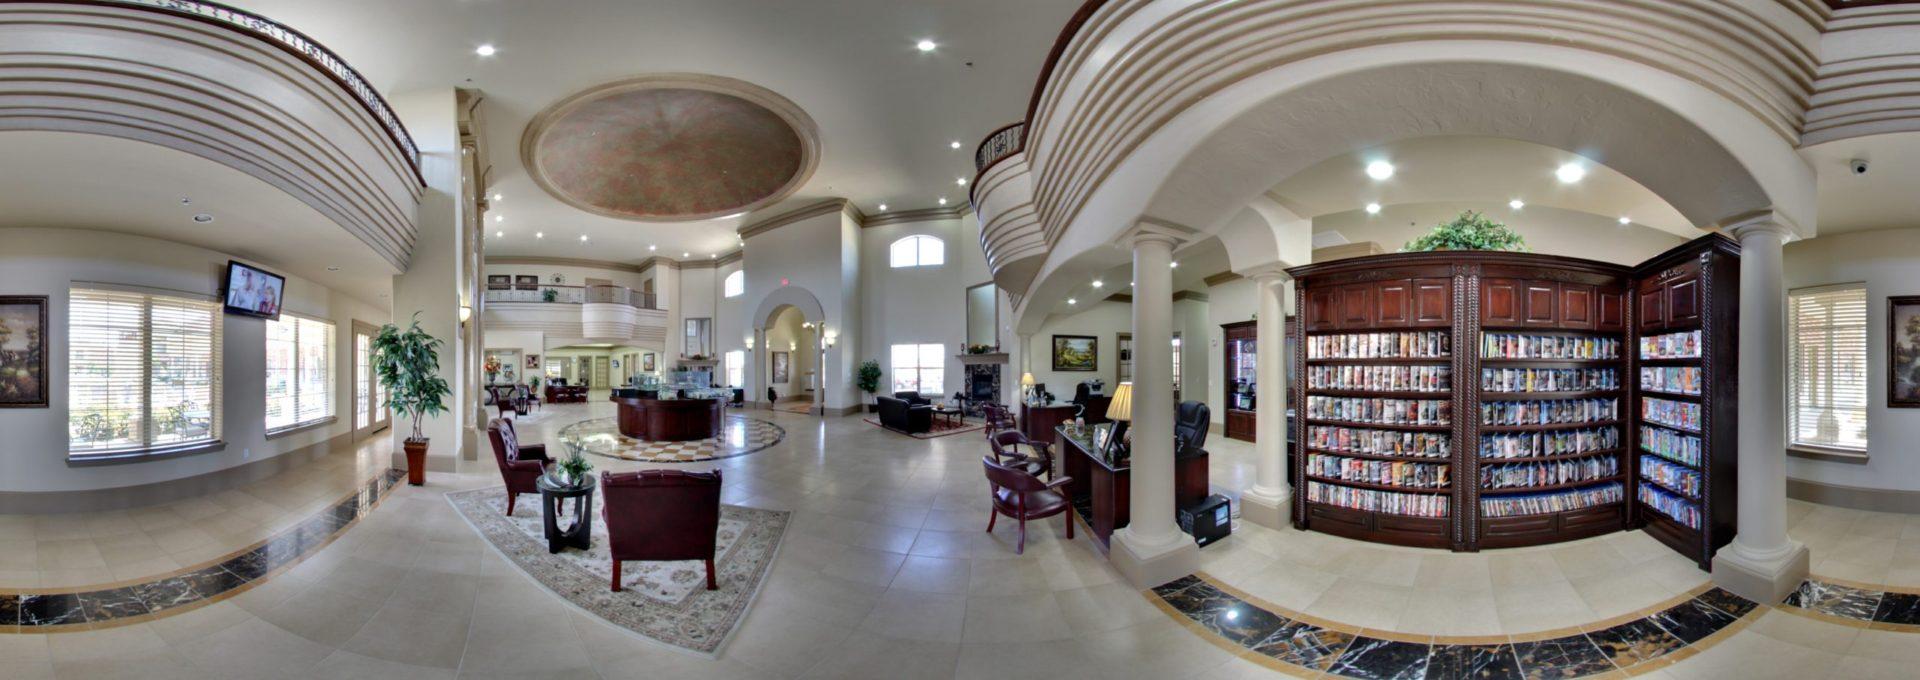 Crest Manor Apartments